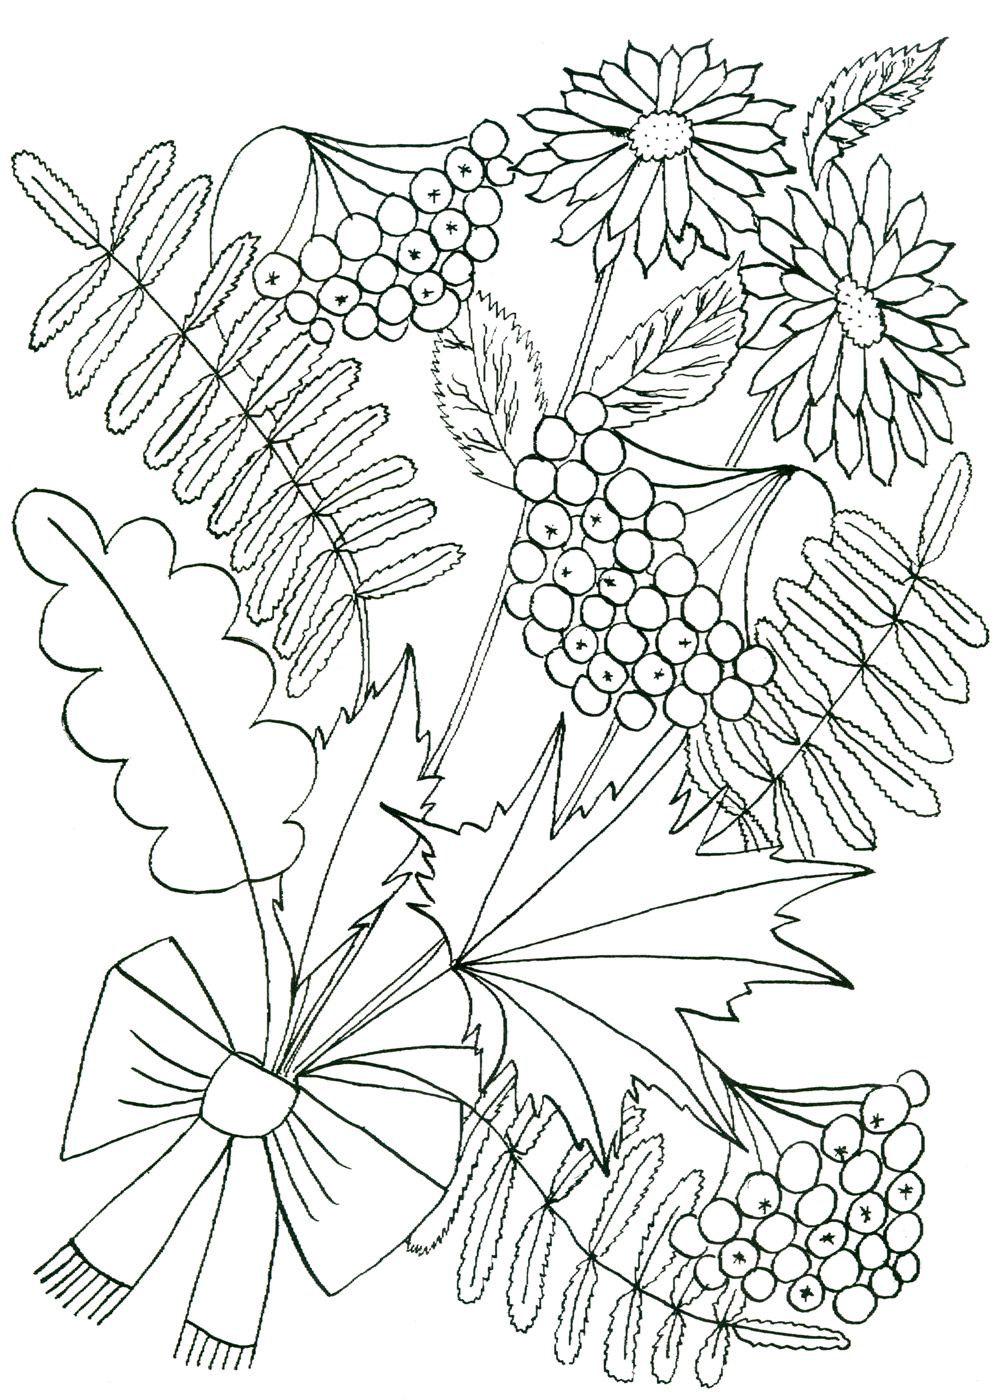 подстилка картинки для раскрашивания ваза с листьями какая масленицы может